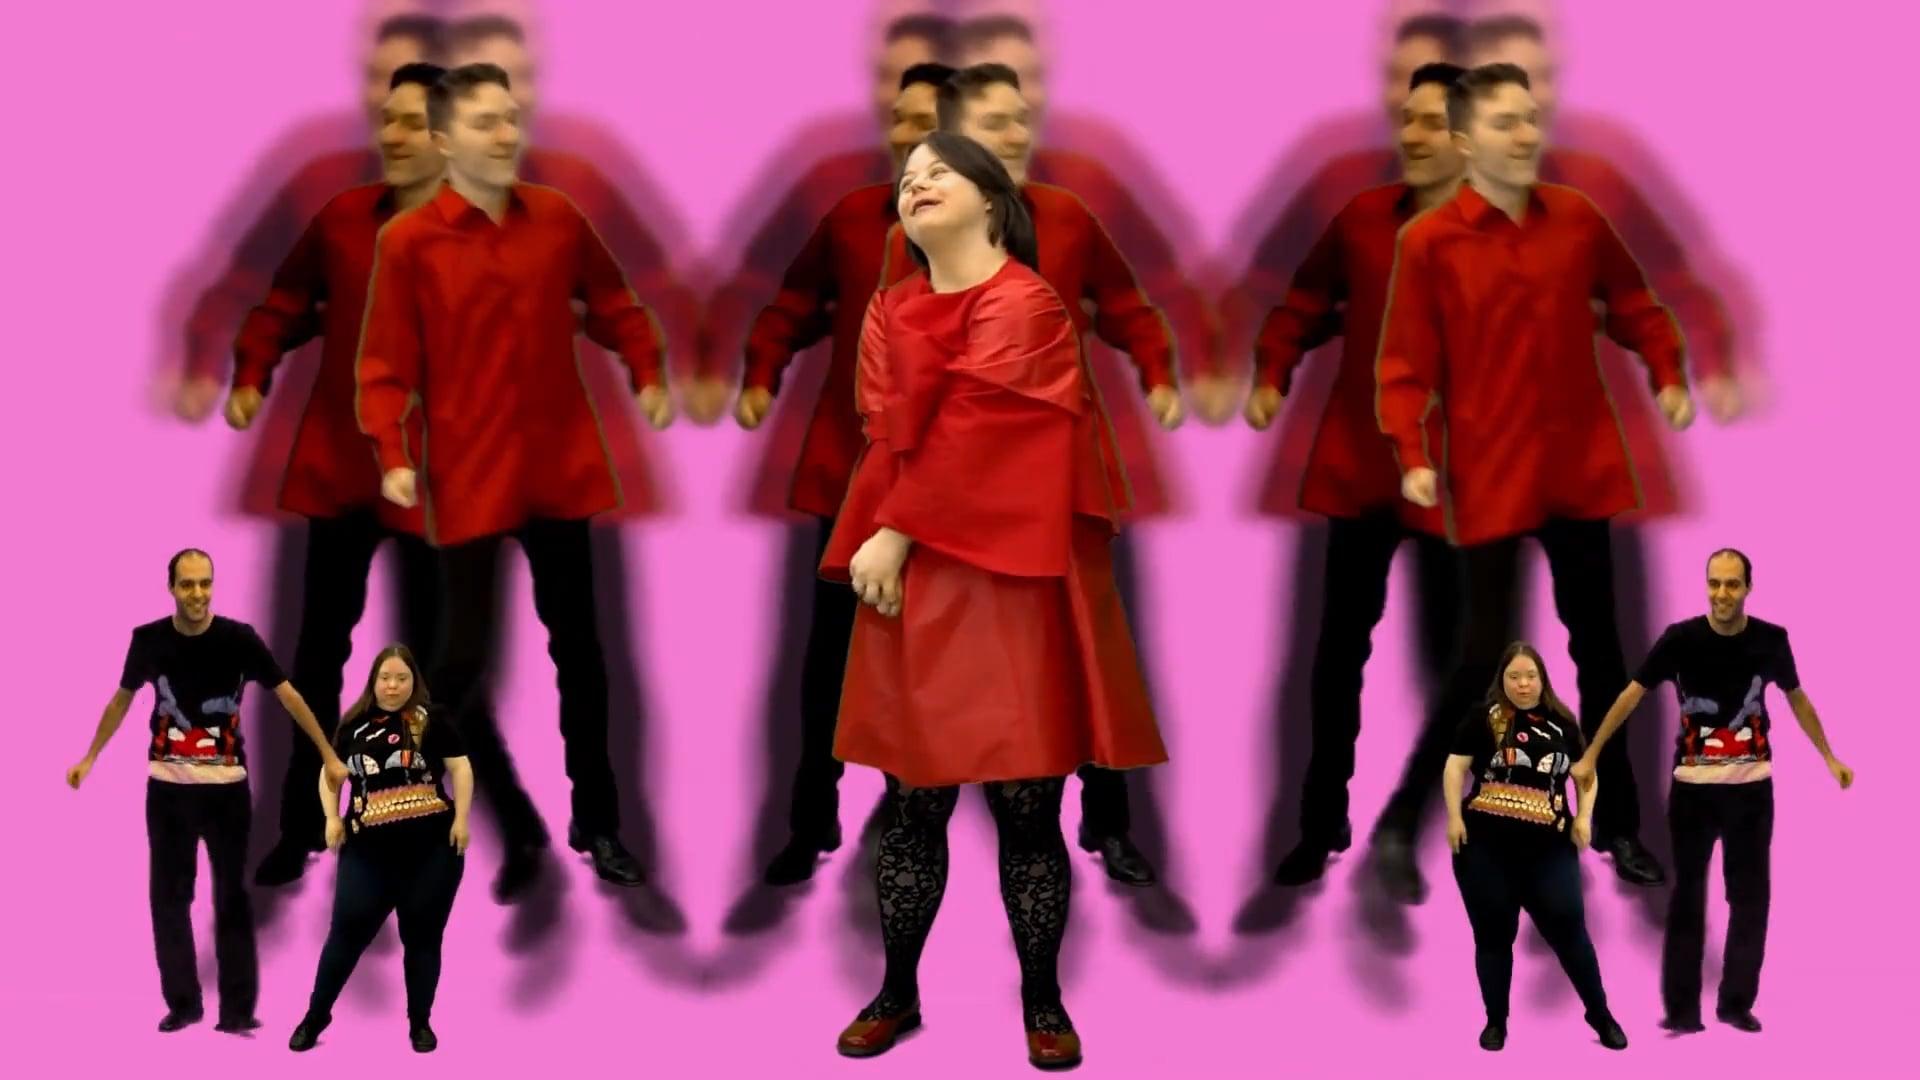 Video: Josefine Großkinsky - Beas Traum